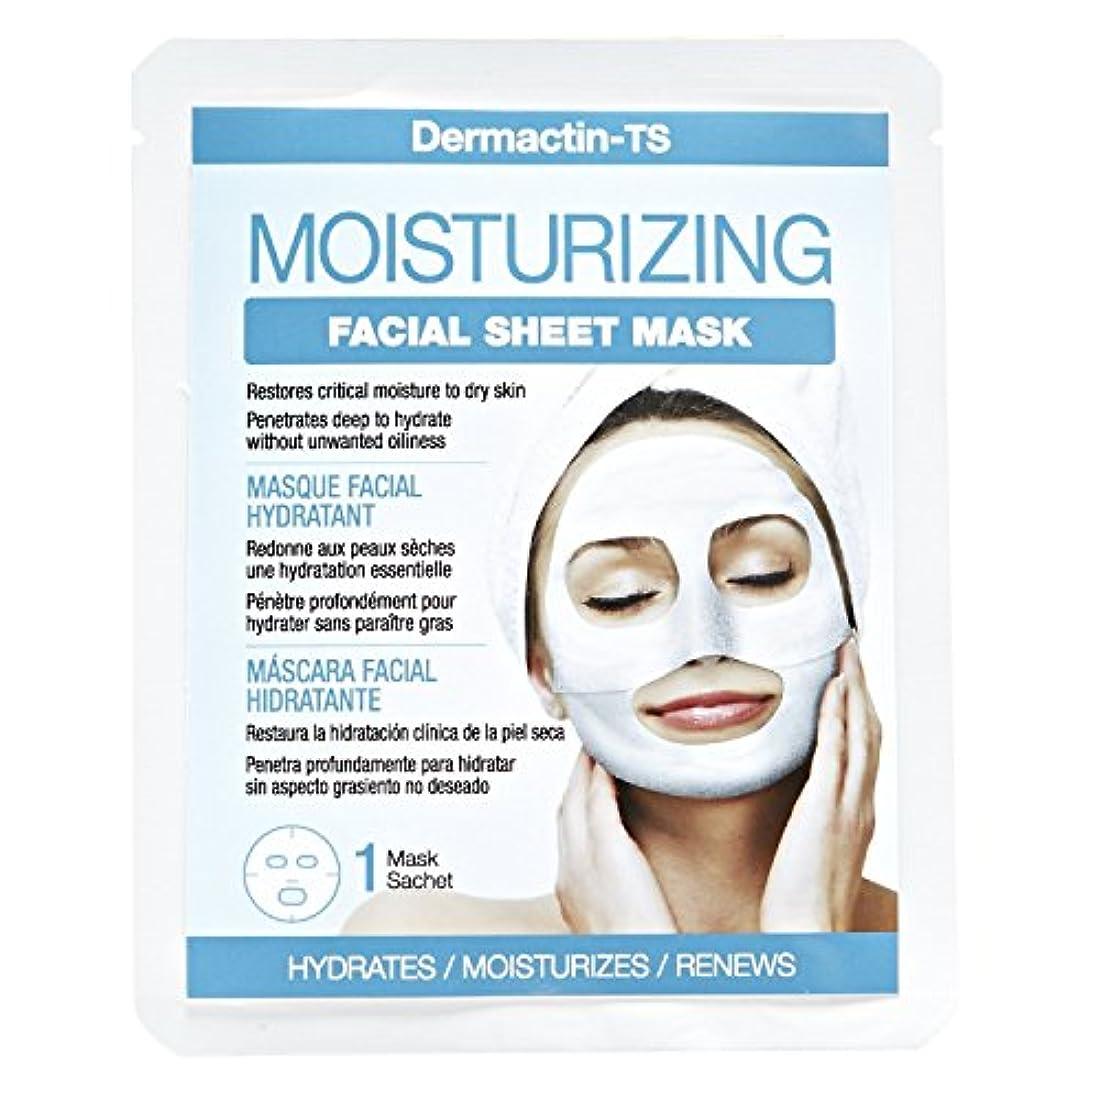 ナチュラル価格価格Dermactin-TS フェイシャルモイスチャライジングシートマスク (並行輸入品)